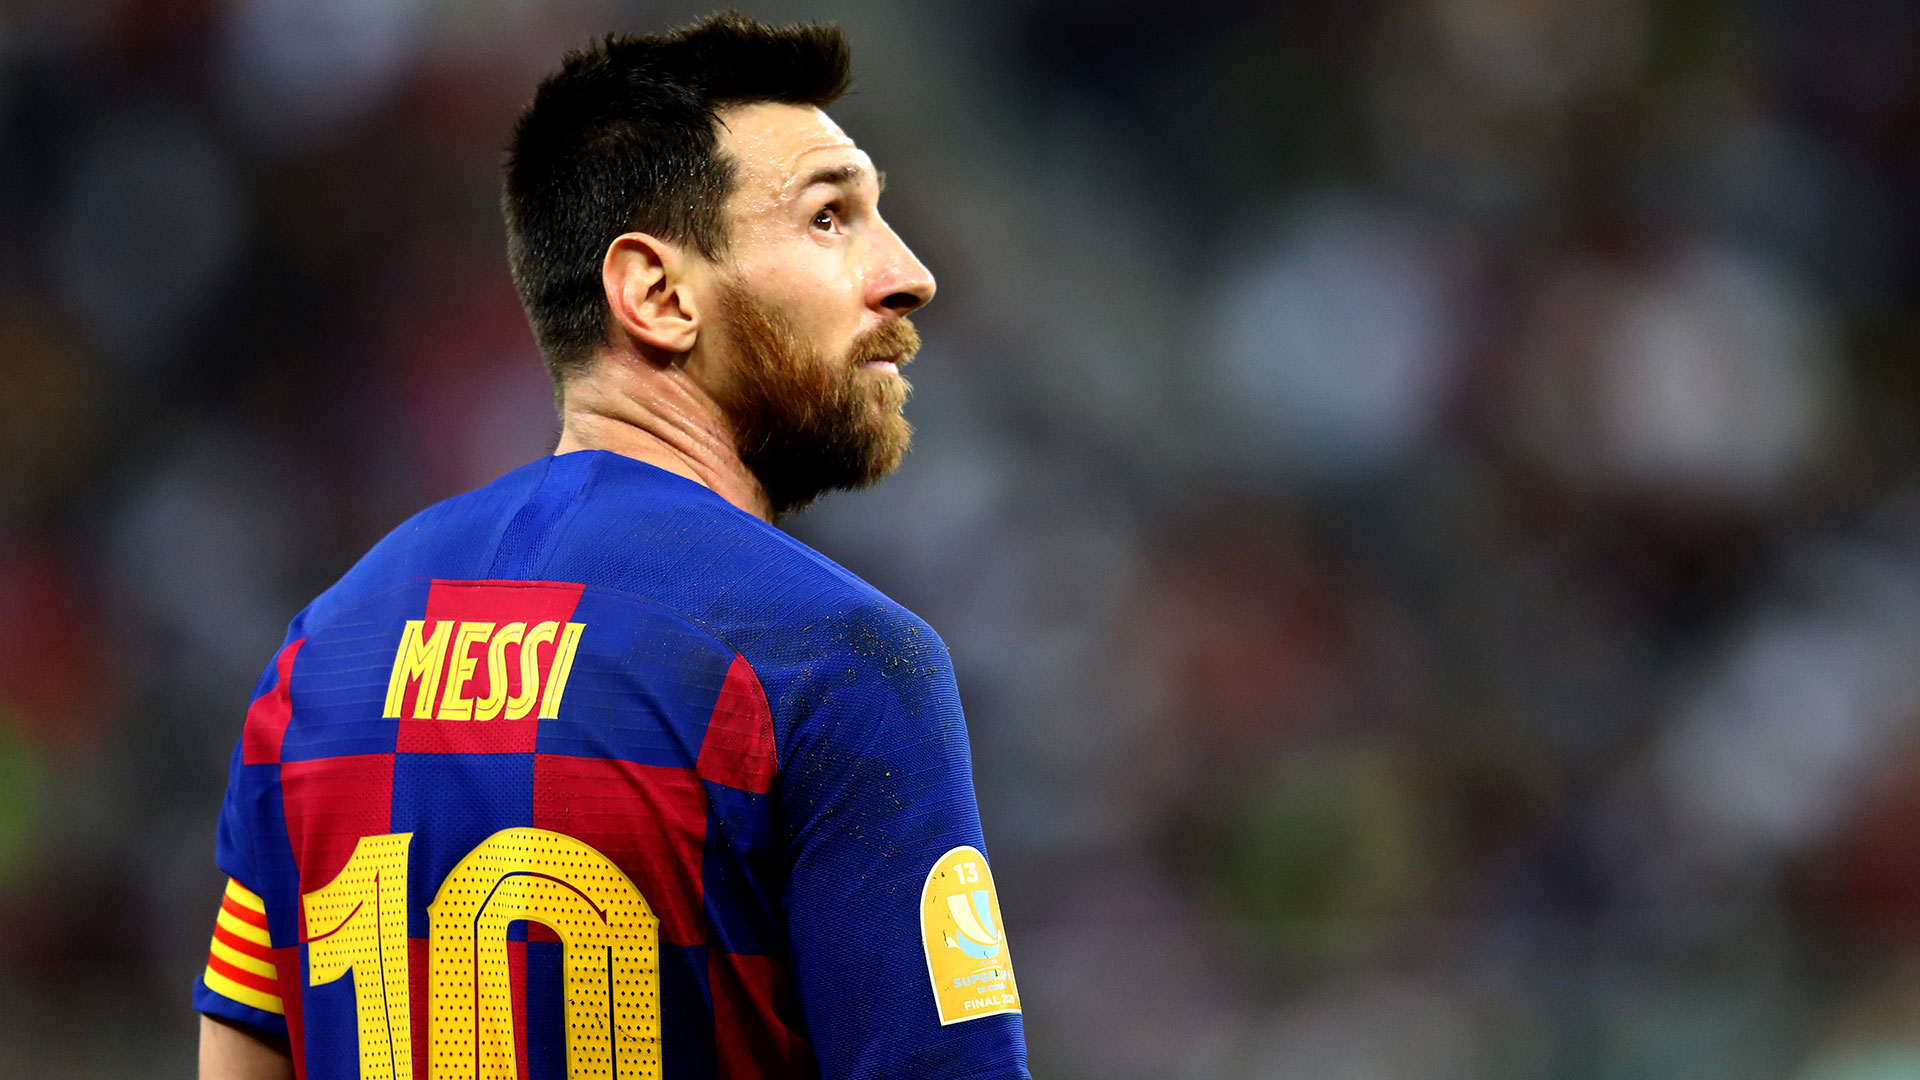 """Messi """"Barselona""""dan getmək üçün nə qədər pul istəyir?"""